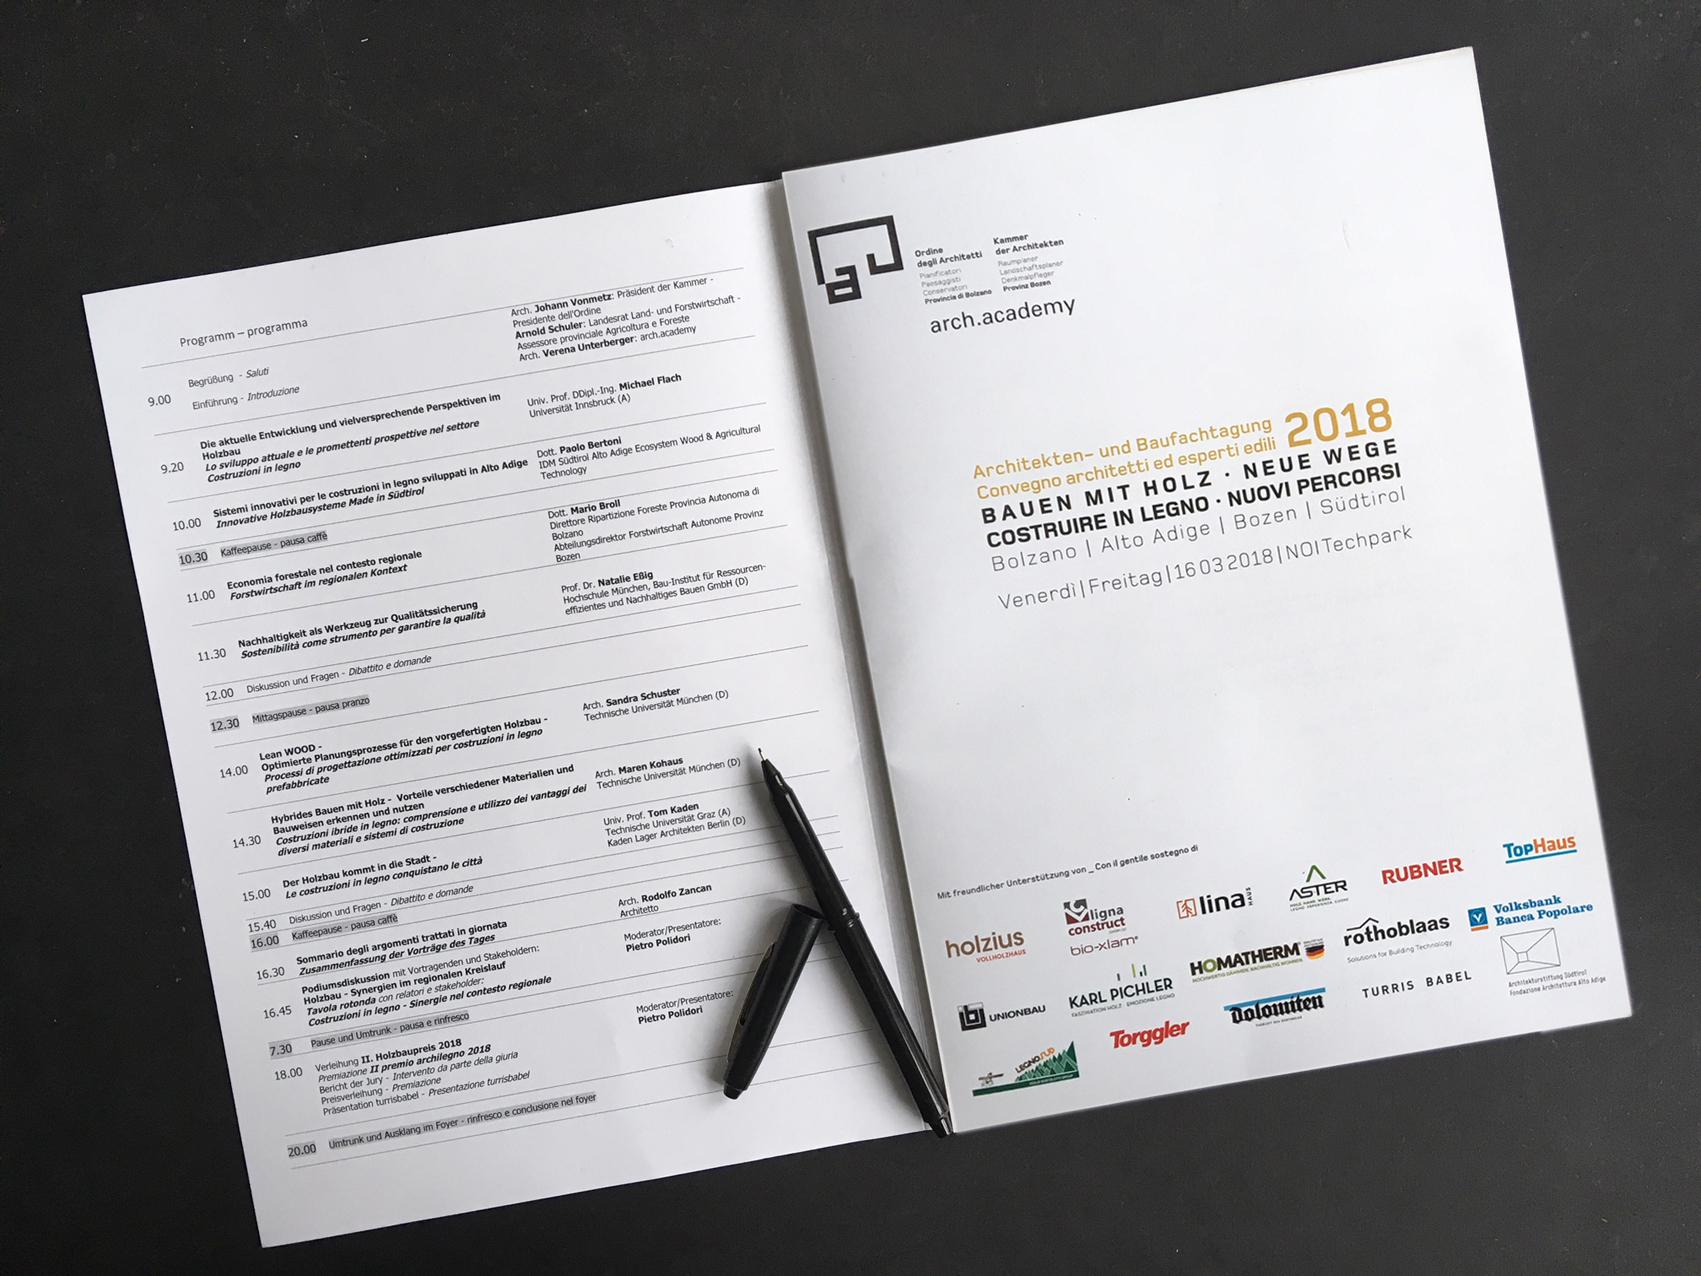 """Programm der Architekten- und Baufachtagung """"Bauen mit Holz - Neue Wege"""",  Bozen, 2018"""